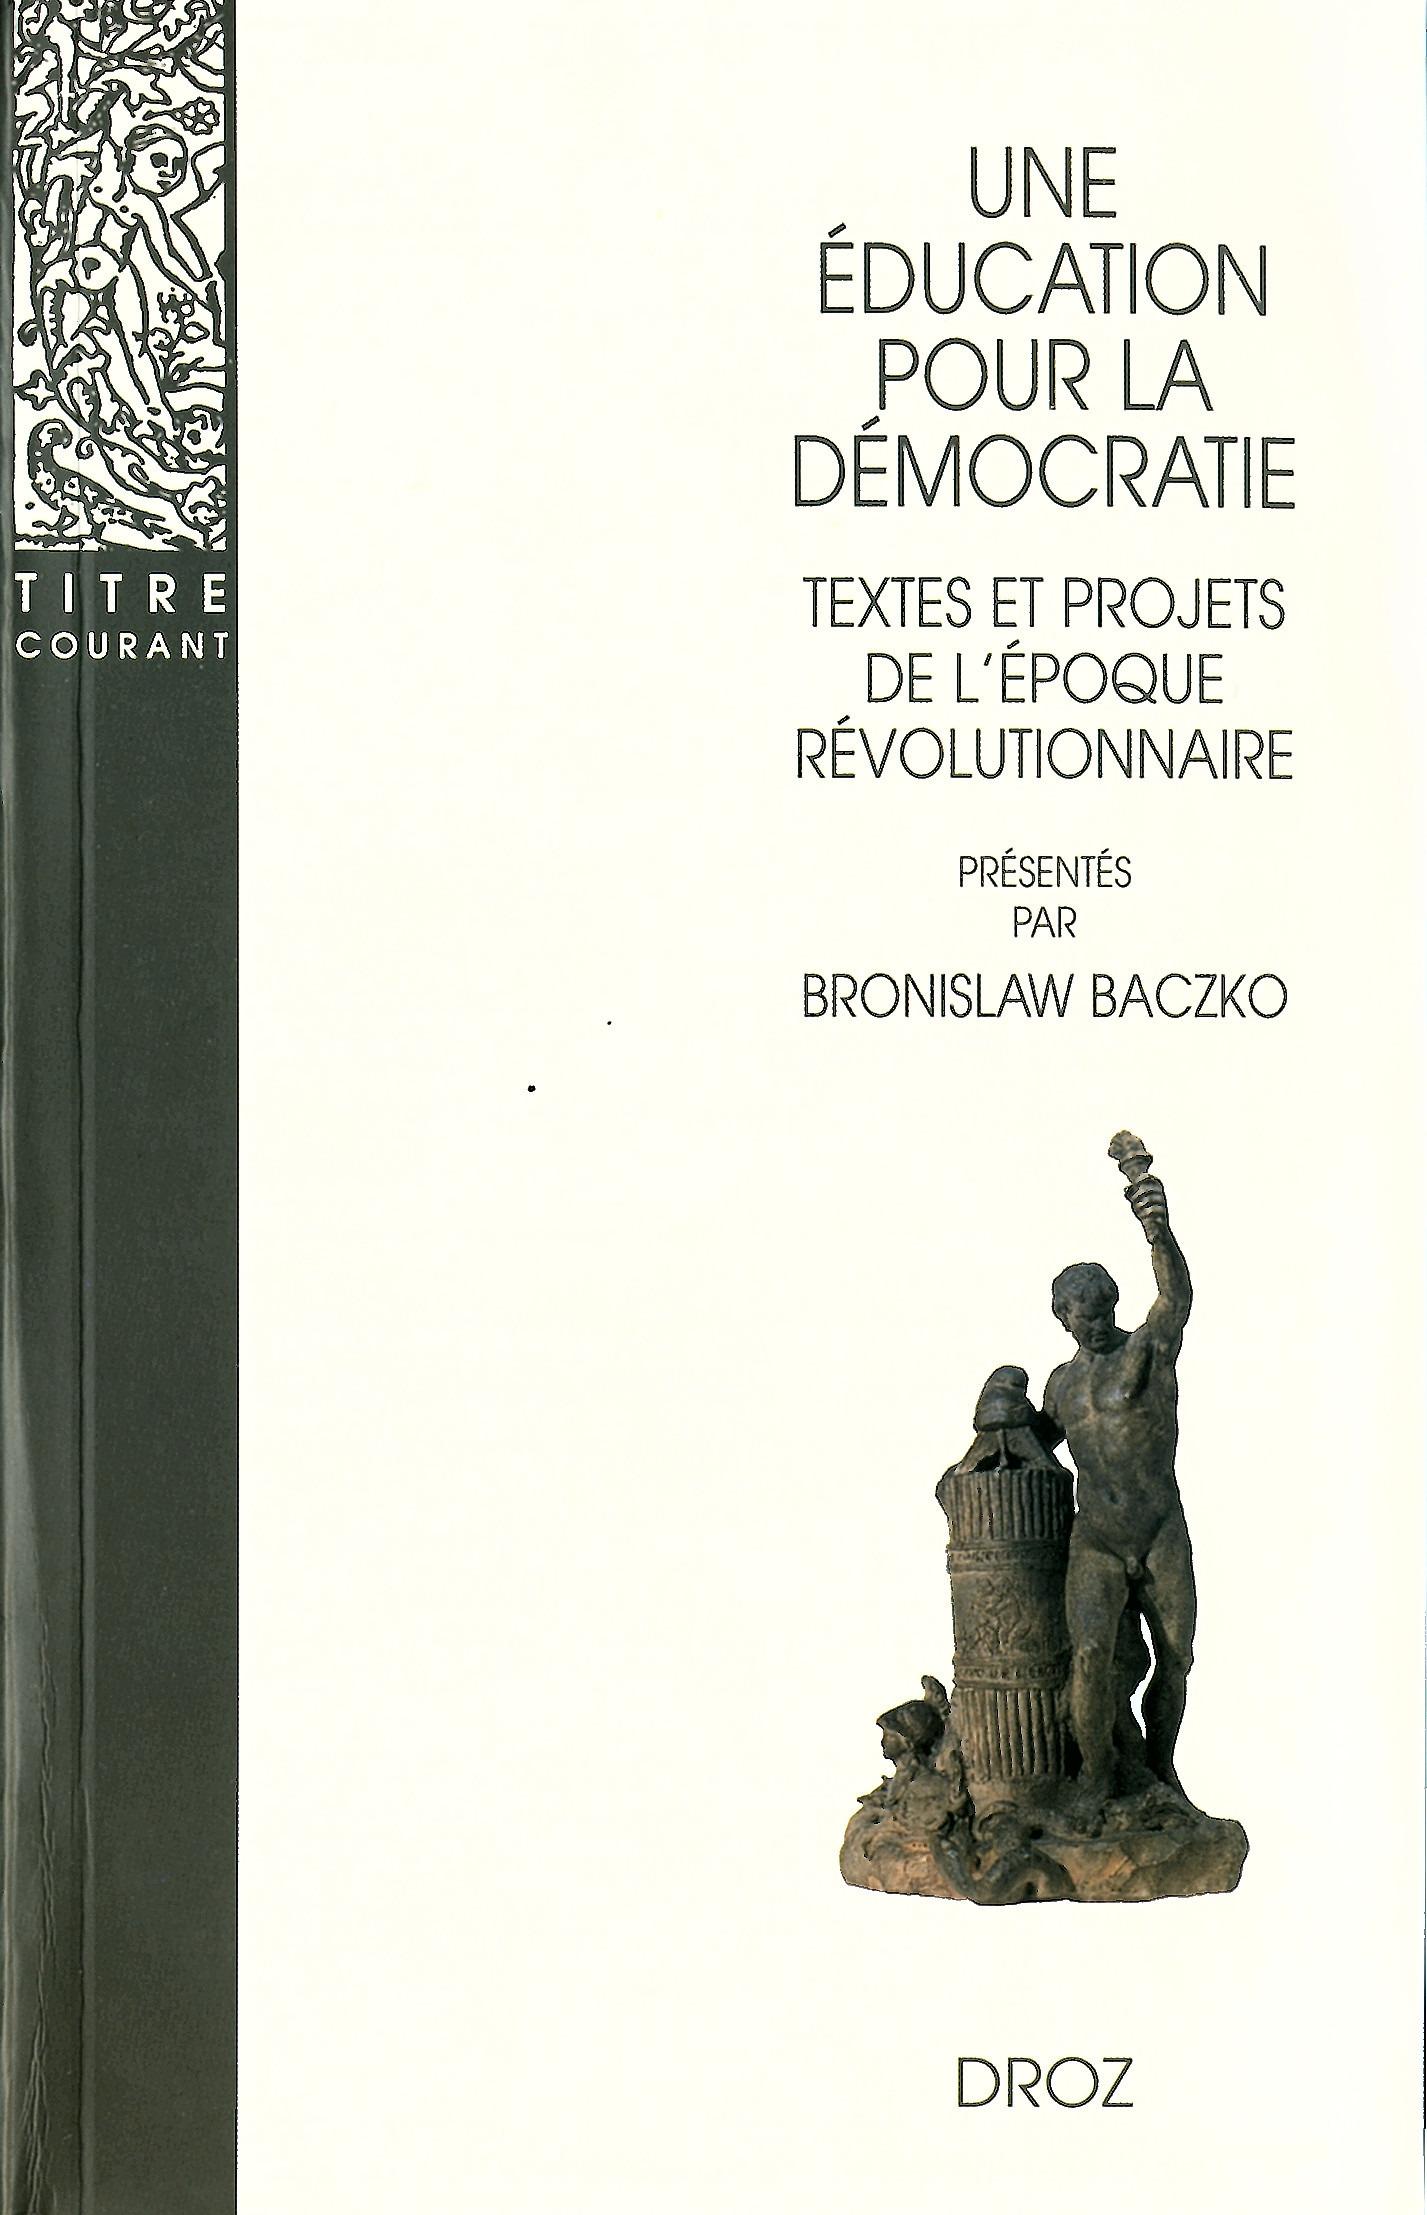 Une Education pour la démocratie : Textes et projets de l'époque révolutionnaire  - Baczko Bronislaw